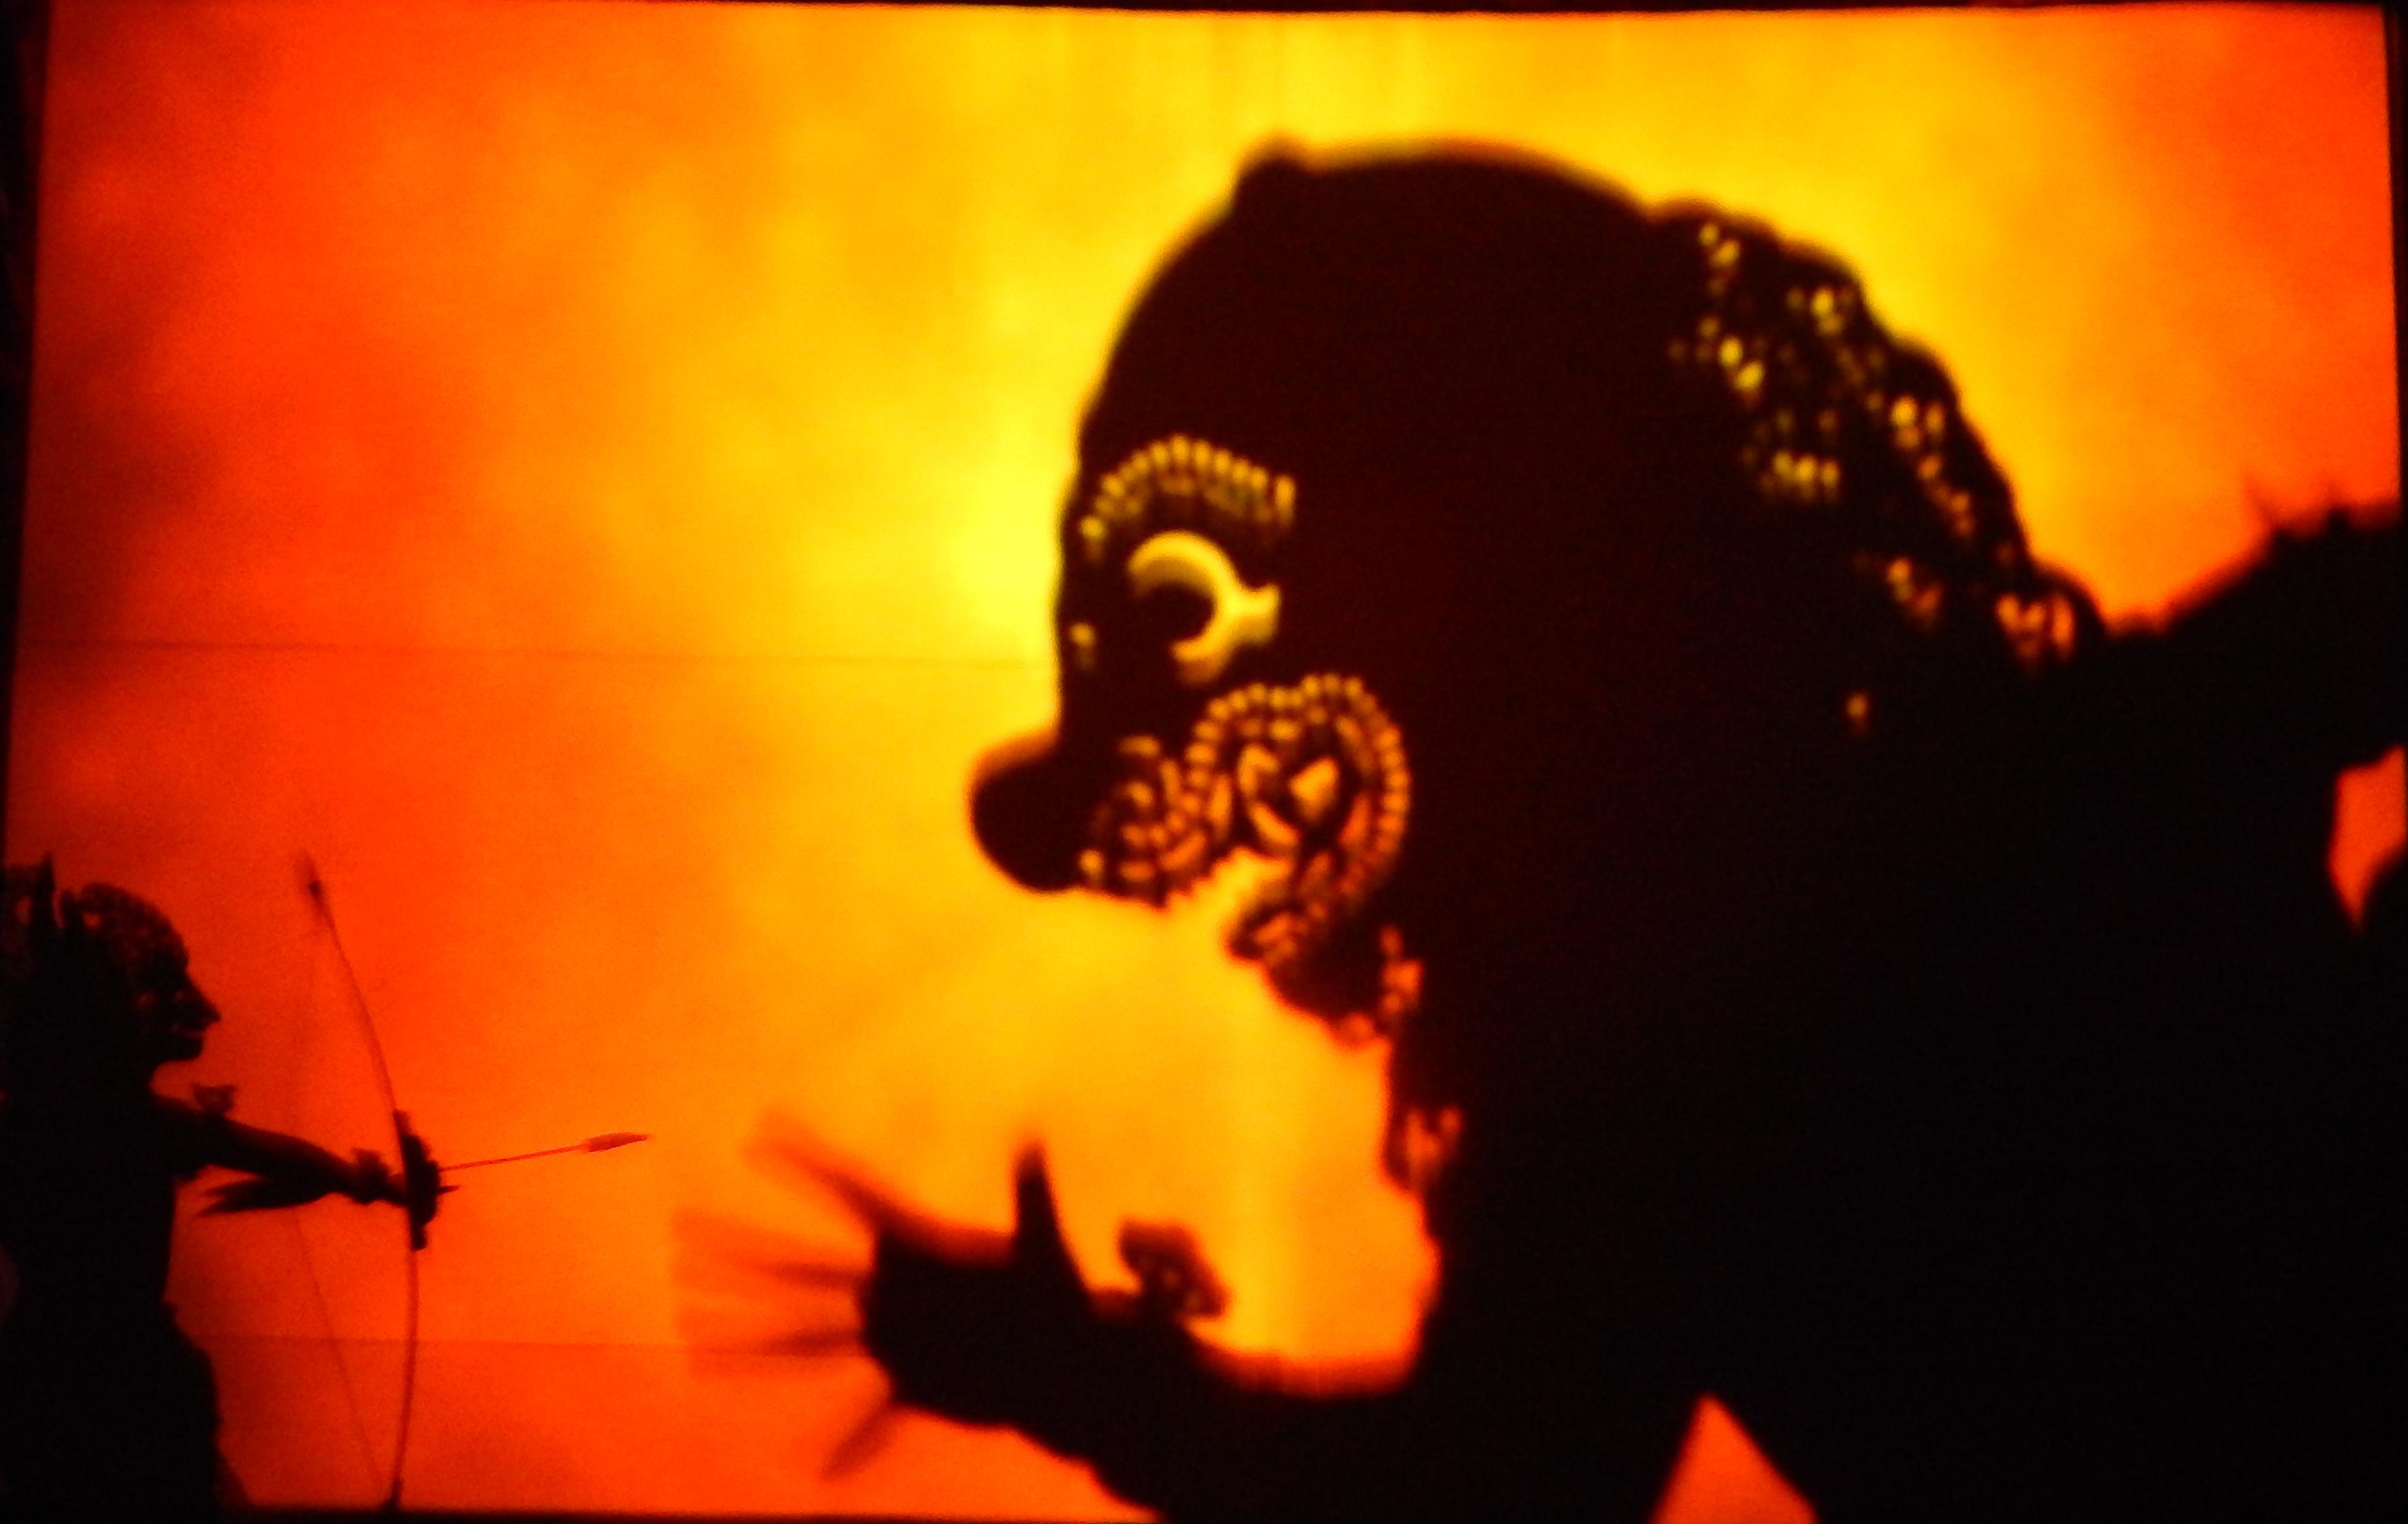 Un spectacle de wayang listrik par I Made Made Sidia et sa compagnie (2014, Bali, Indonésie). Wayang listrik, un genre de théâtre moderne balinais basé sur le théâtre d'ombres traditionnelle (wayang <em>kulit</em>) avec danse et musique qui l'accompagnent, tous transférés sur un grand écran. Les marionnettes en cuir traditionnelles, les masques, les ombres-acteurs, les danseurs, les projections et la musique de gamelan.